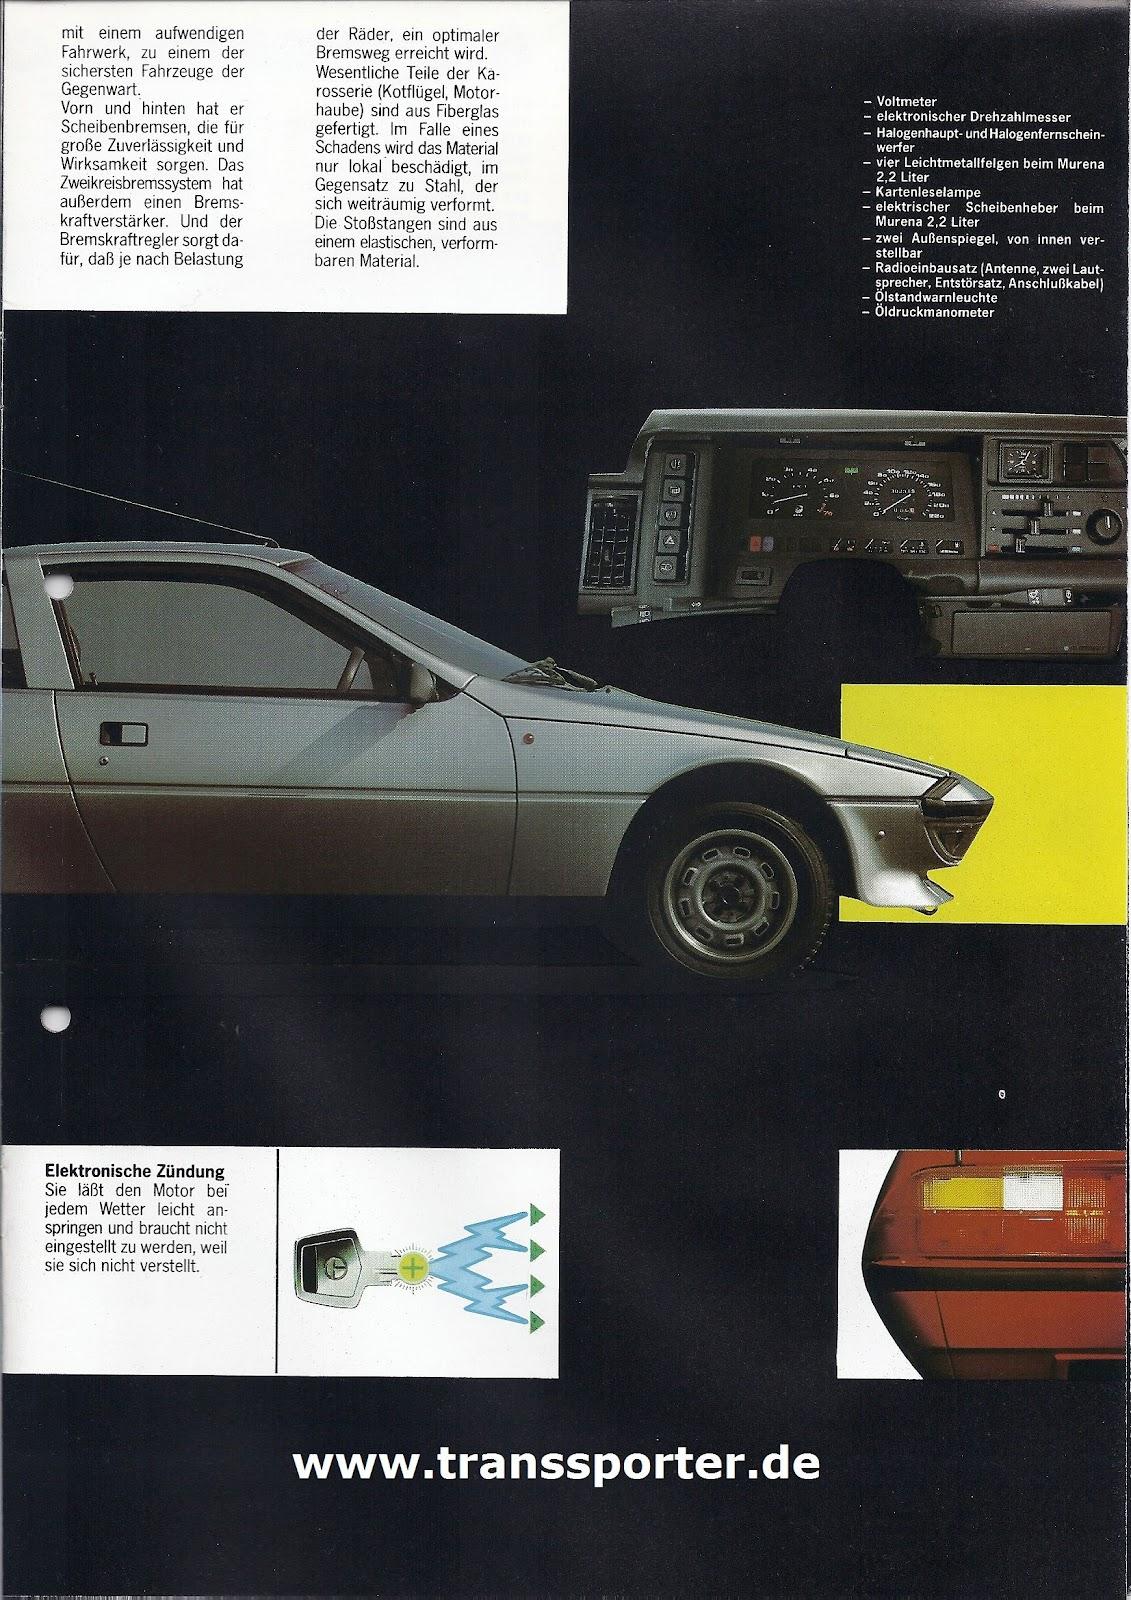 Talbot Matra Murena Das Prospekt Von 1981 This Picture Is The Diagram Shown In Service Manual For Eingestellt Transsporter Um 0939